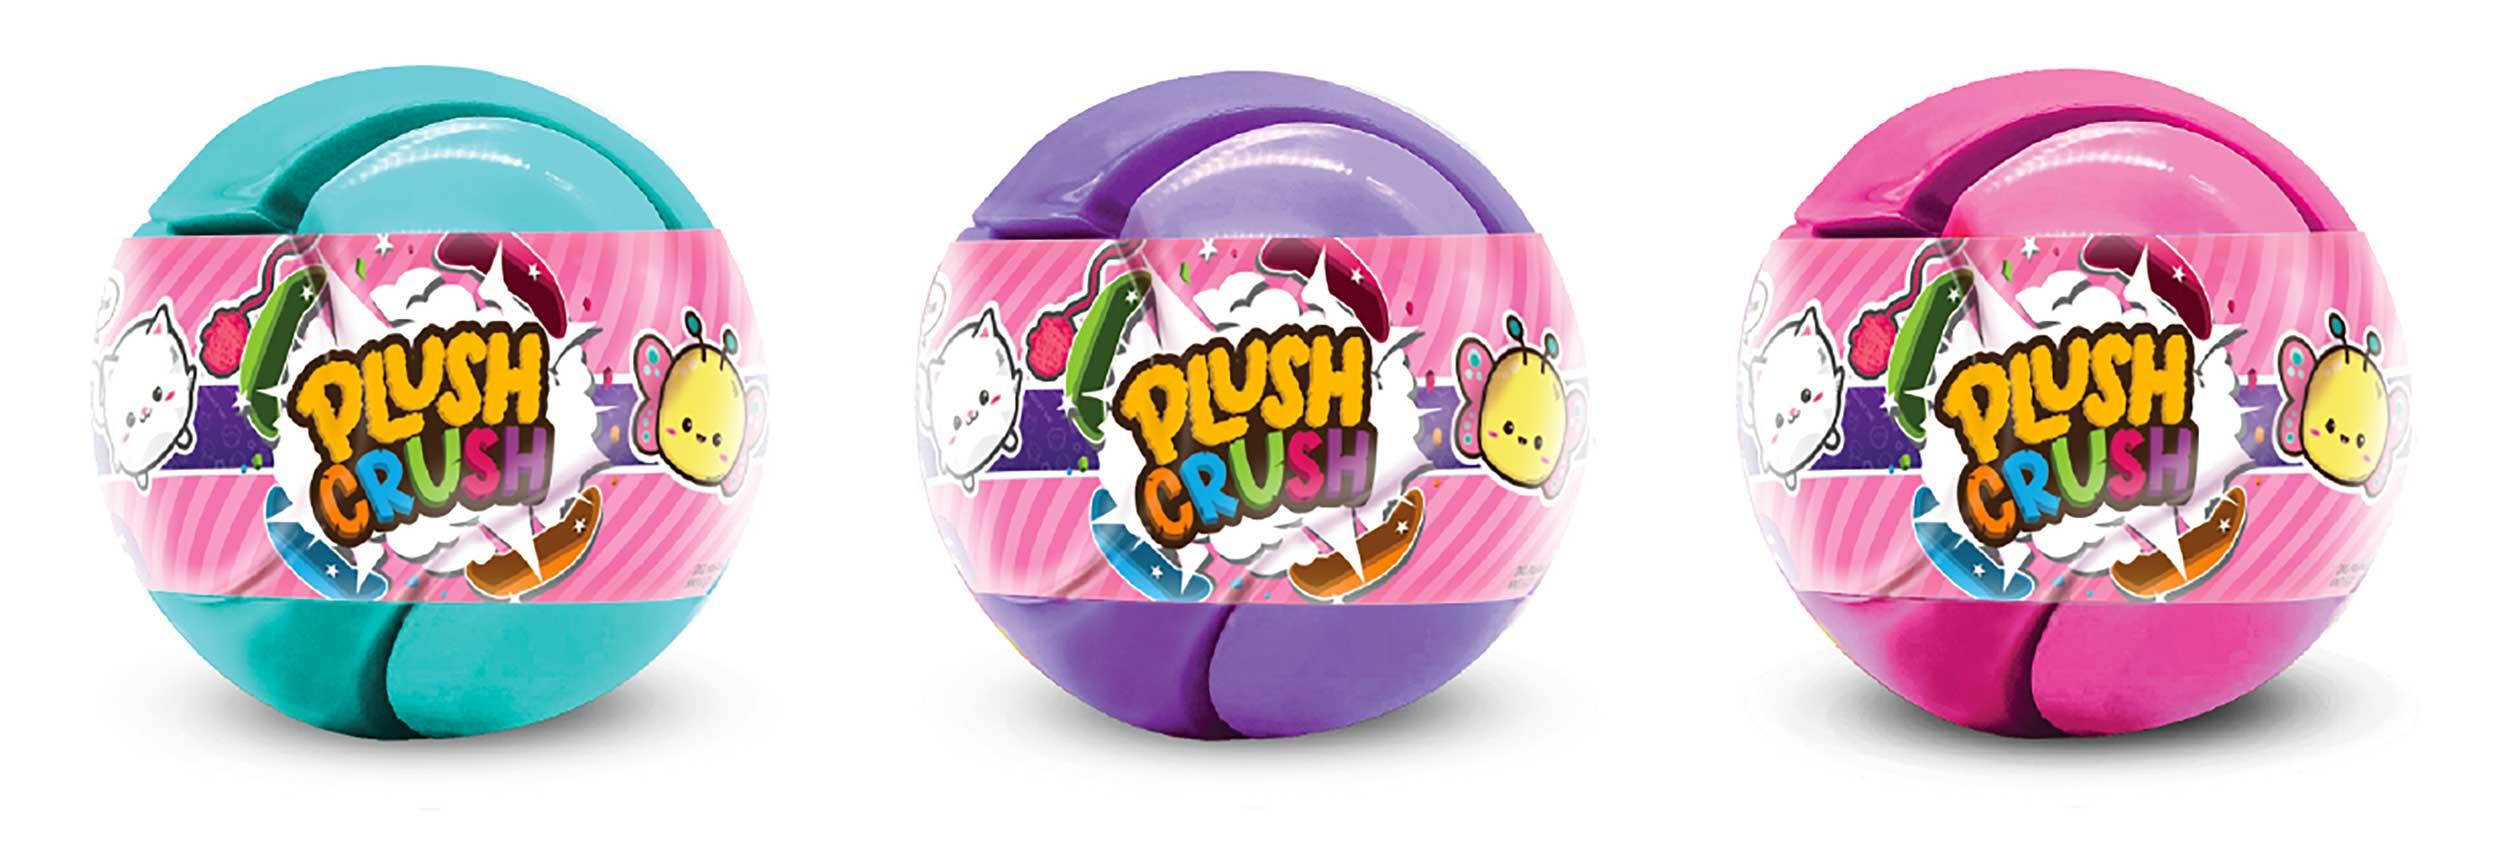 Plush Crush Balls